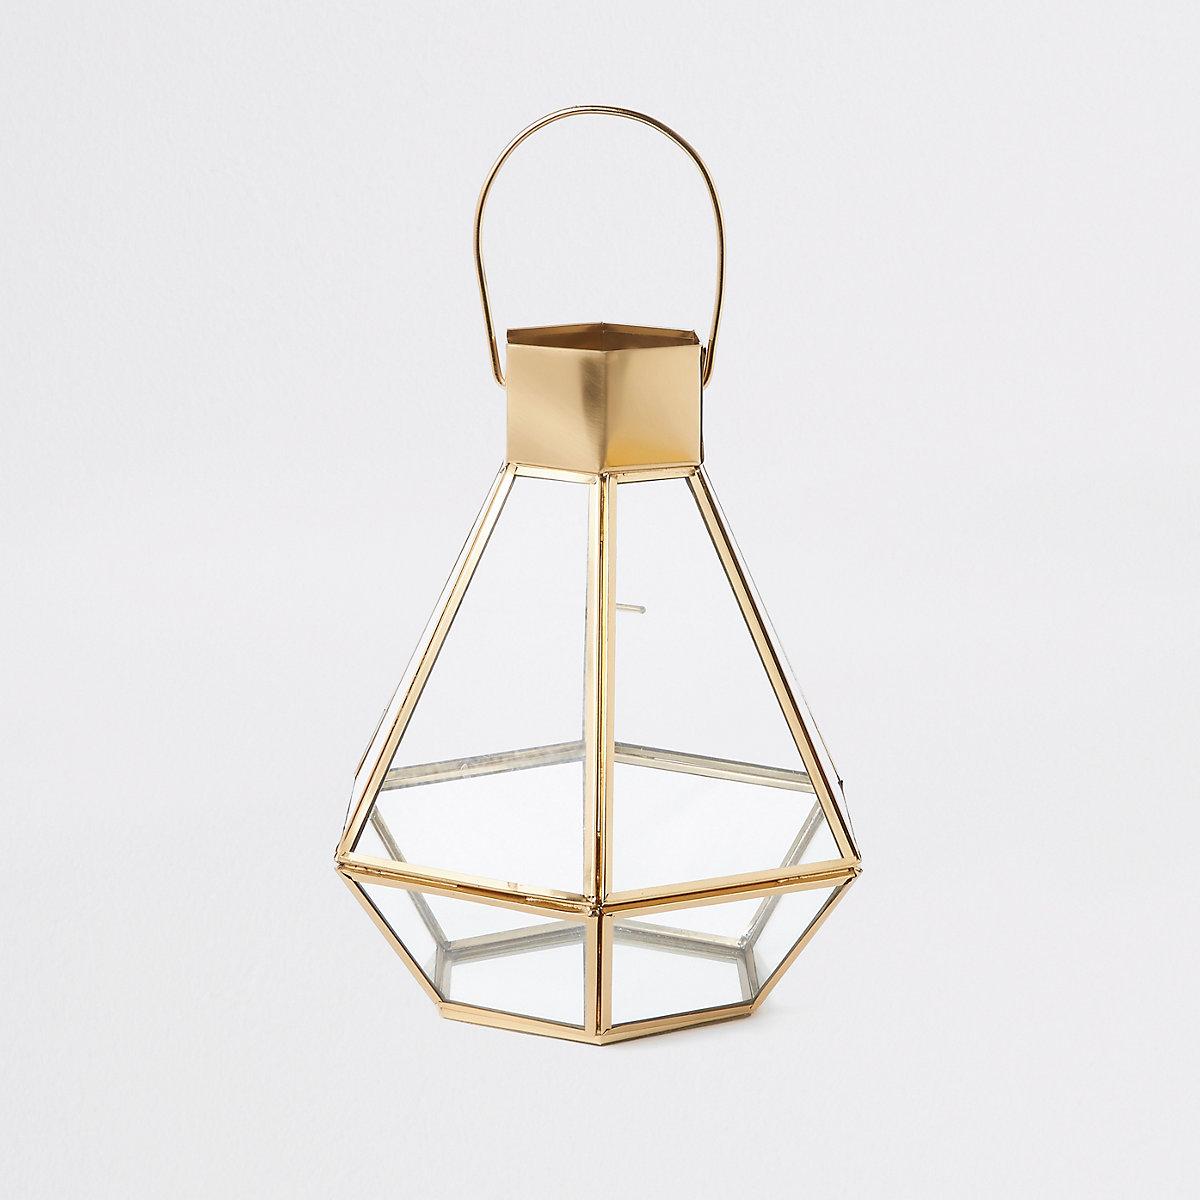 Gold small glass lantern